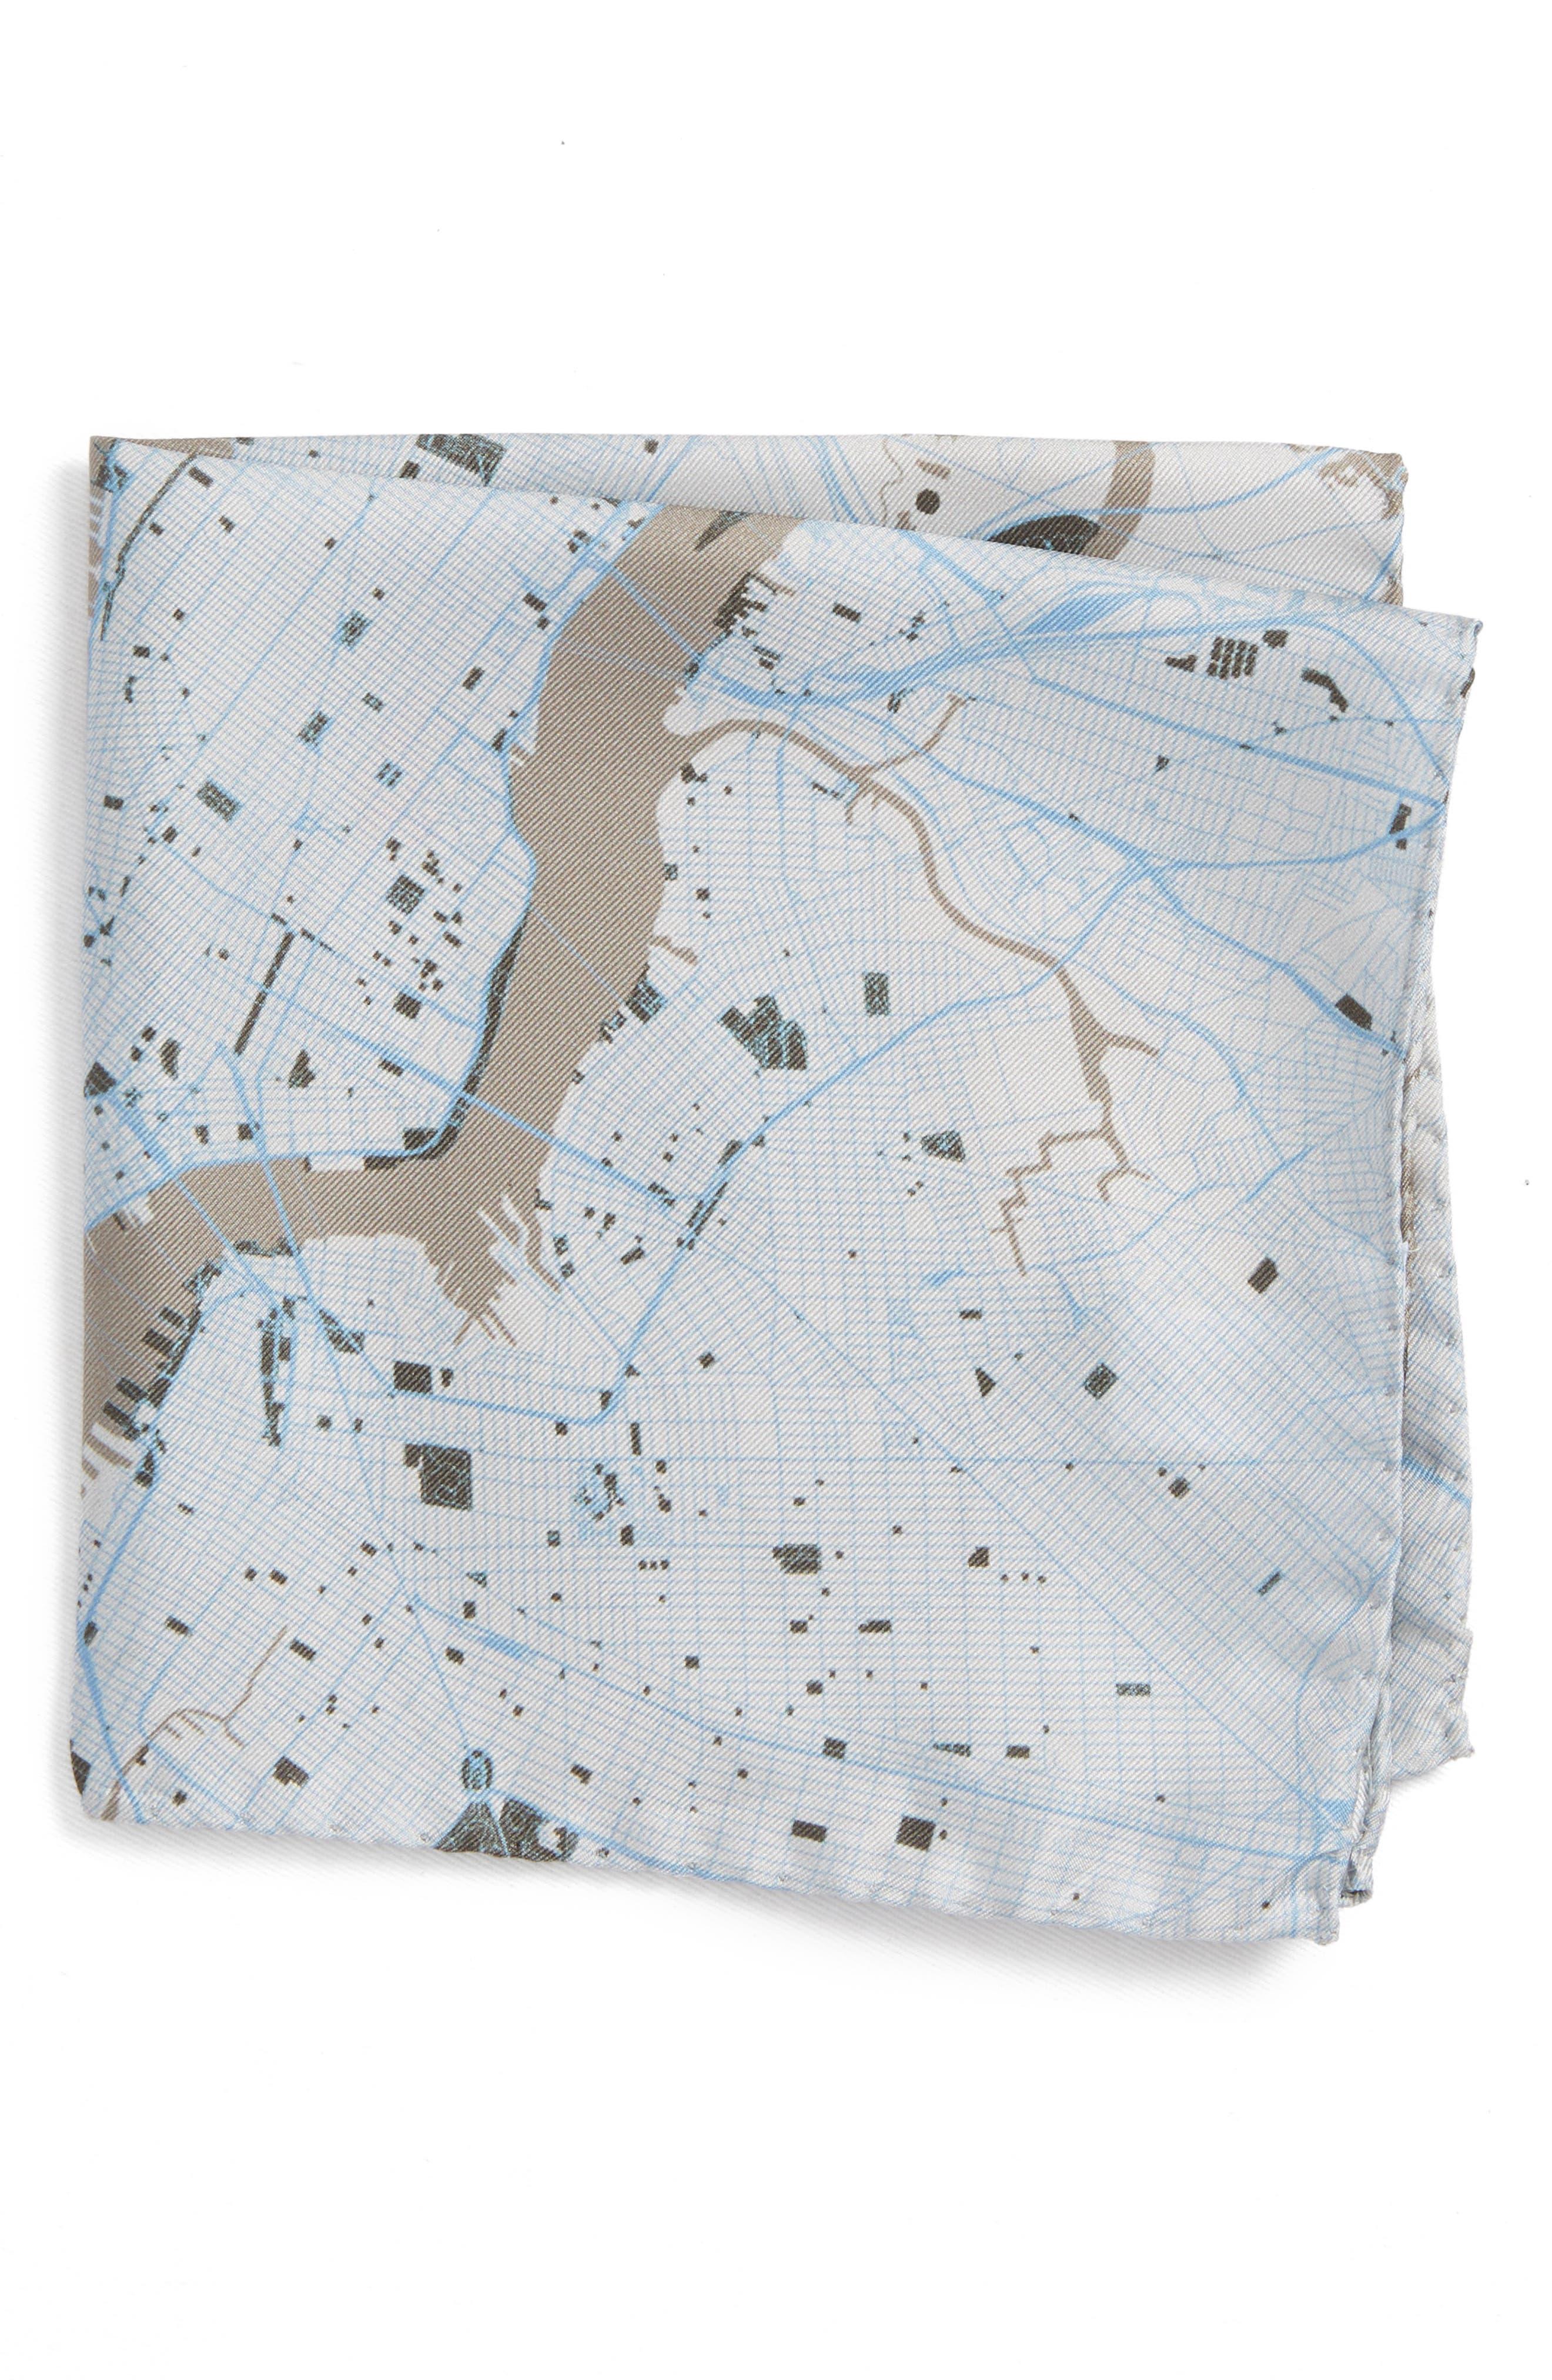 Subway Map Silk Pocket Square,                             Main thumbnail 1, color,                             Grey